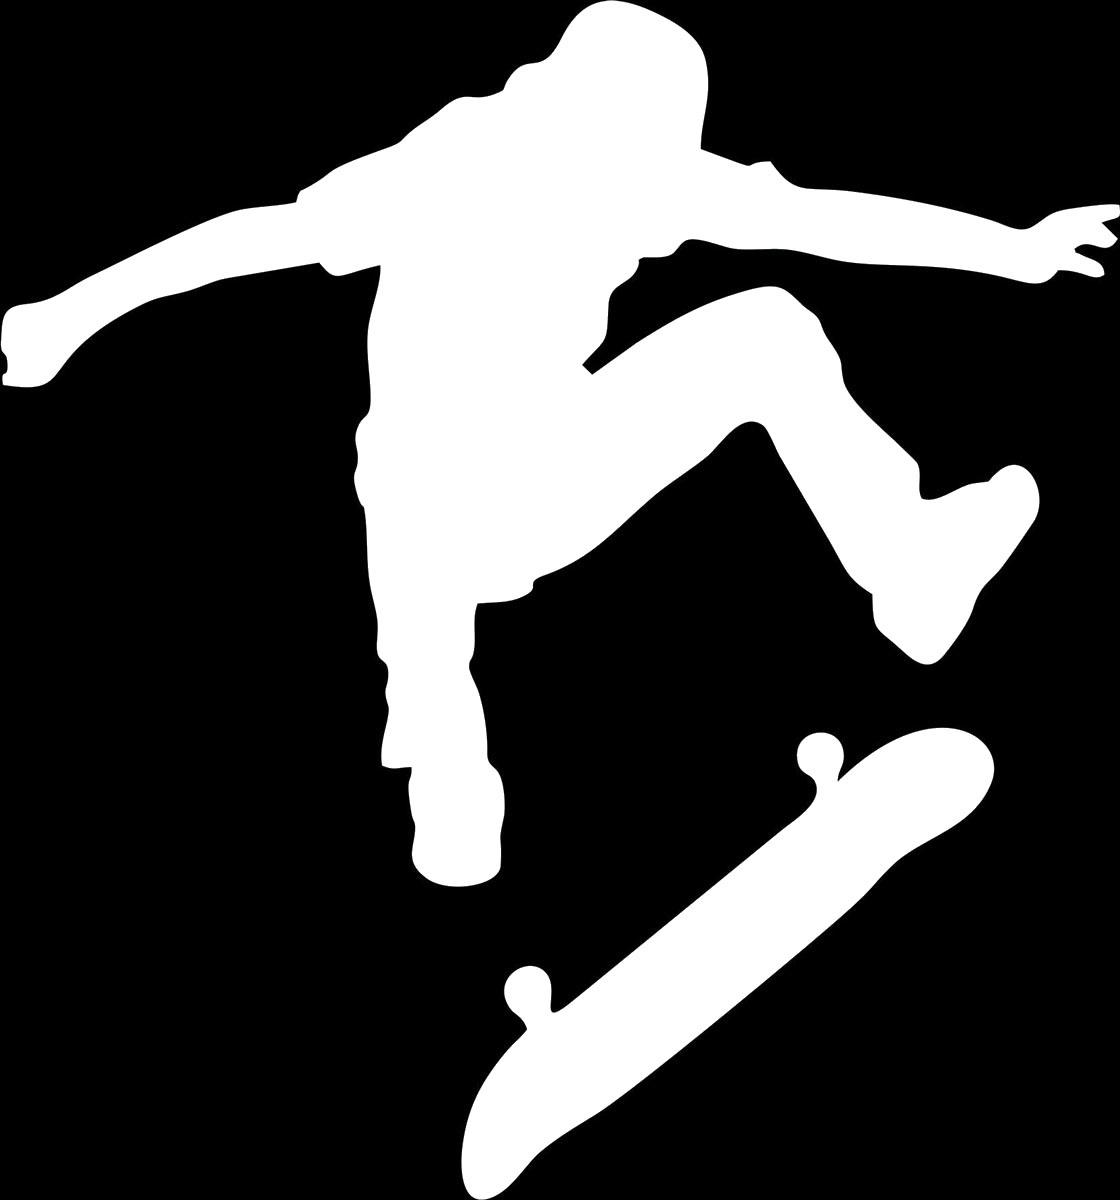 Фото - Наклейка ОранжевыйСлоник виниловая Скейт для авто или интерьера, Винил авто